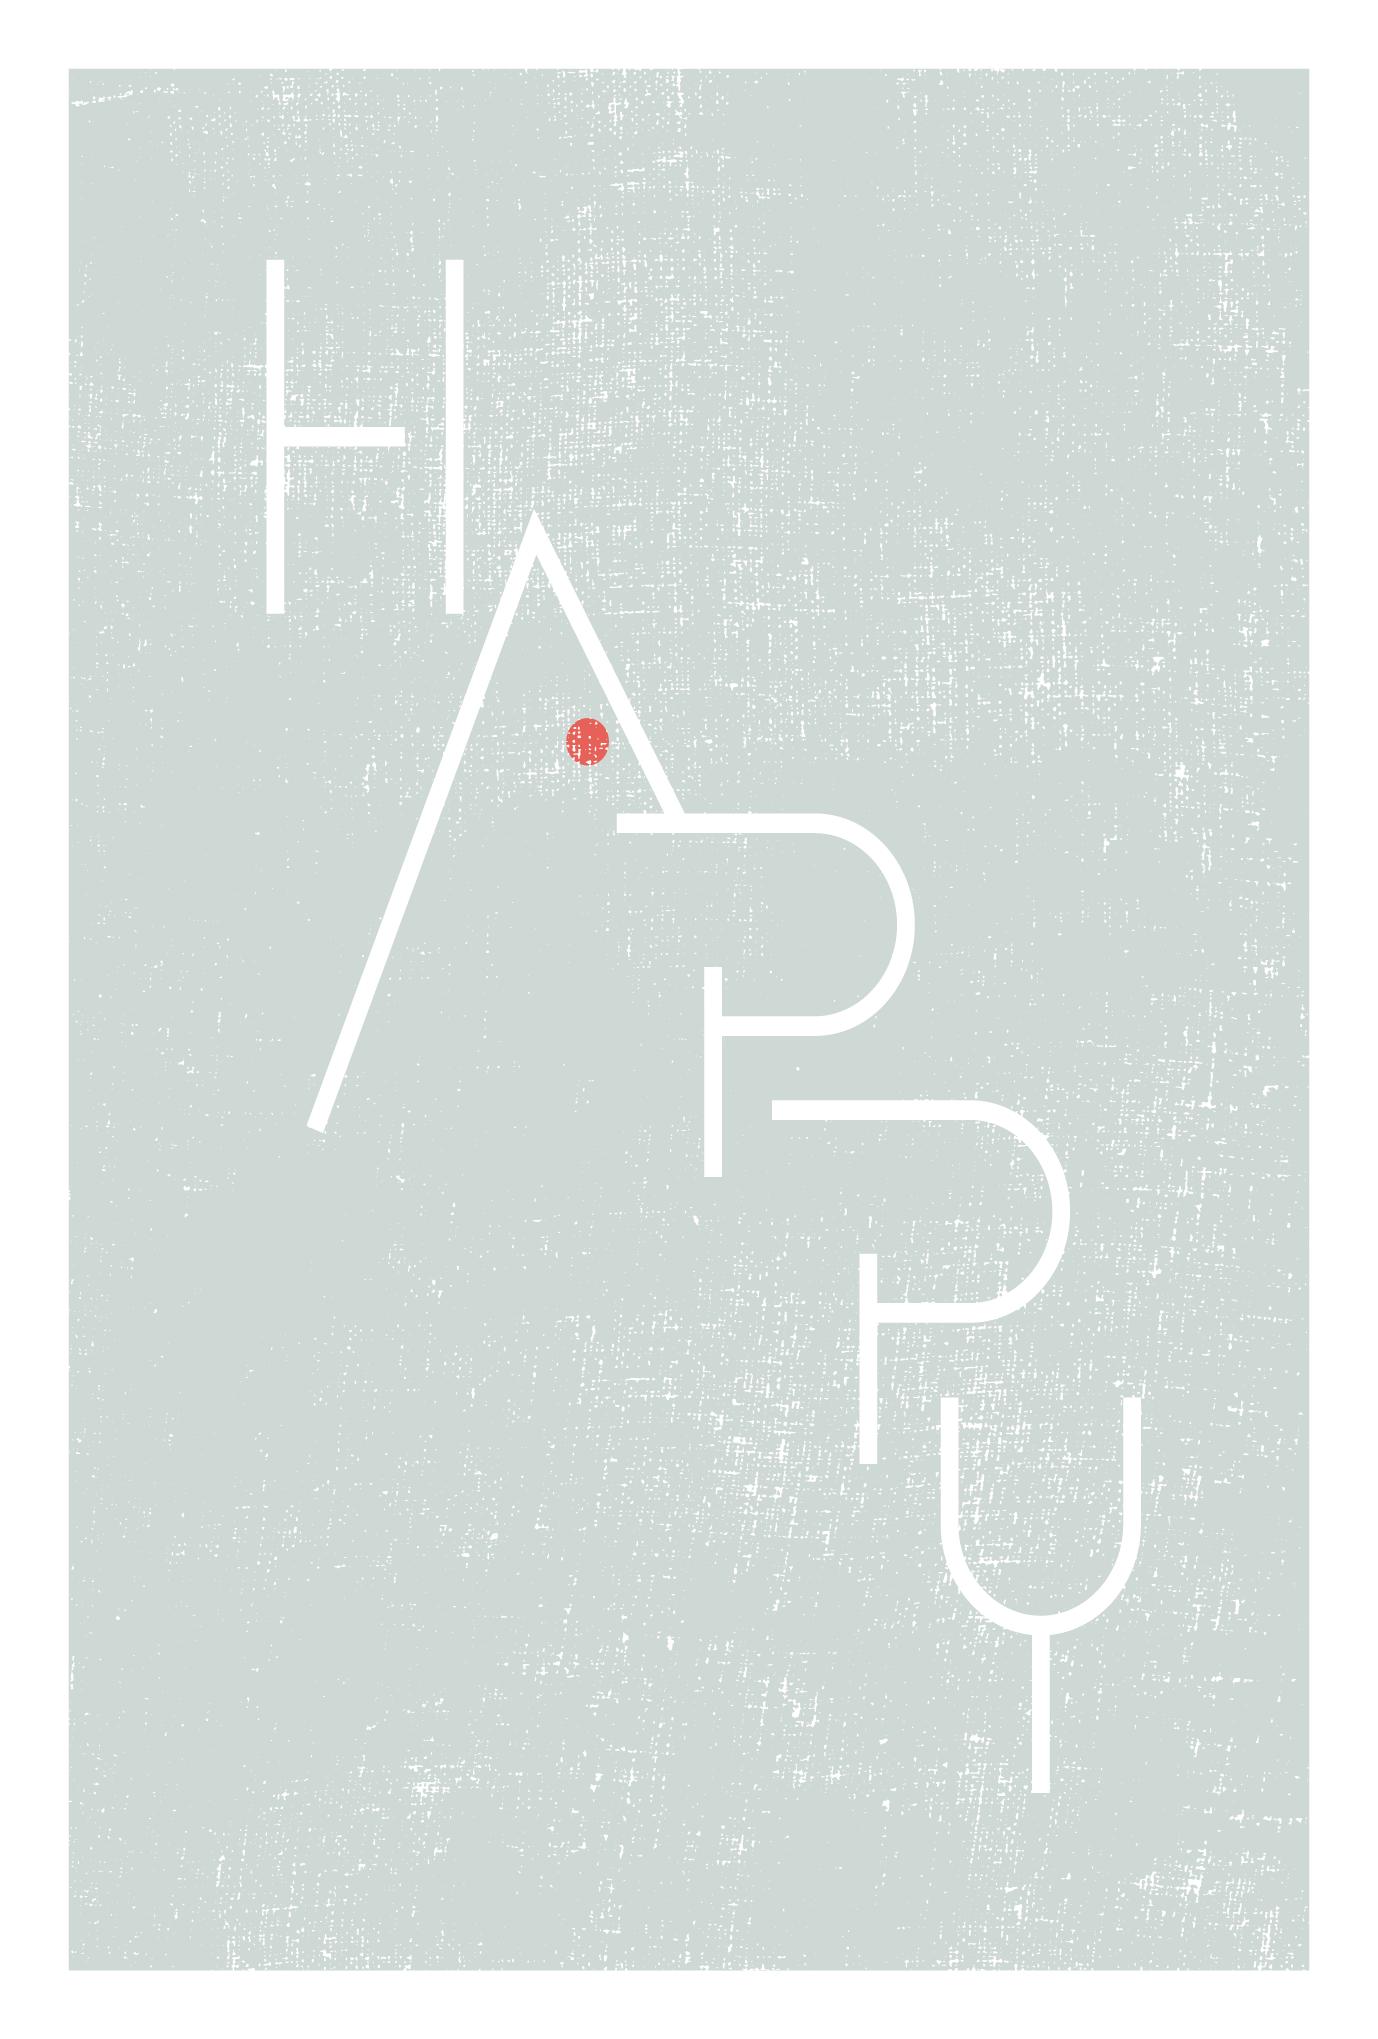 2020年賀状14-3:HAPPY MOUSE / A(千草鼠)のダウンロード画像